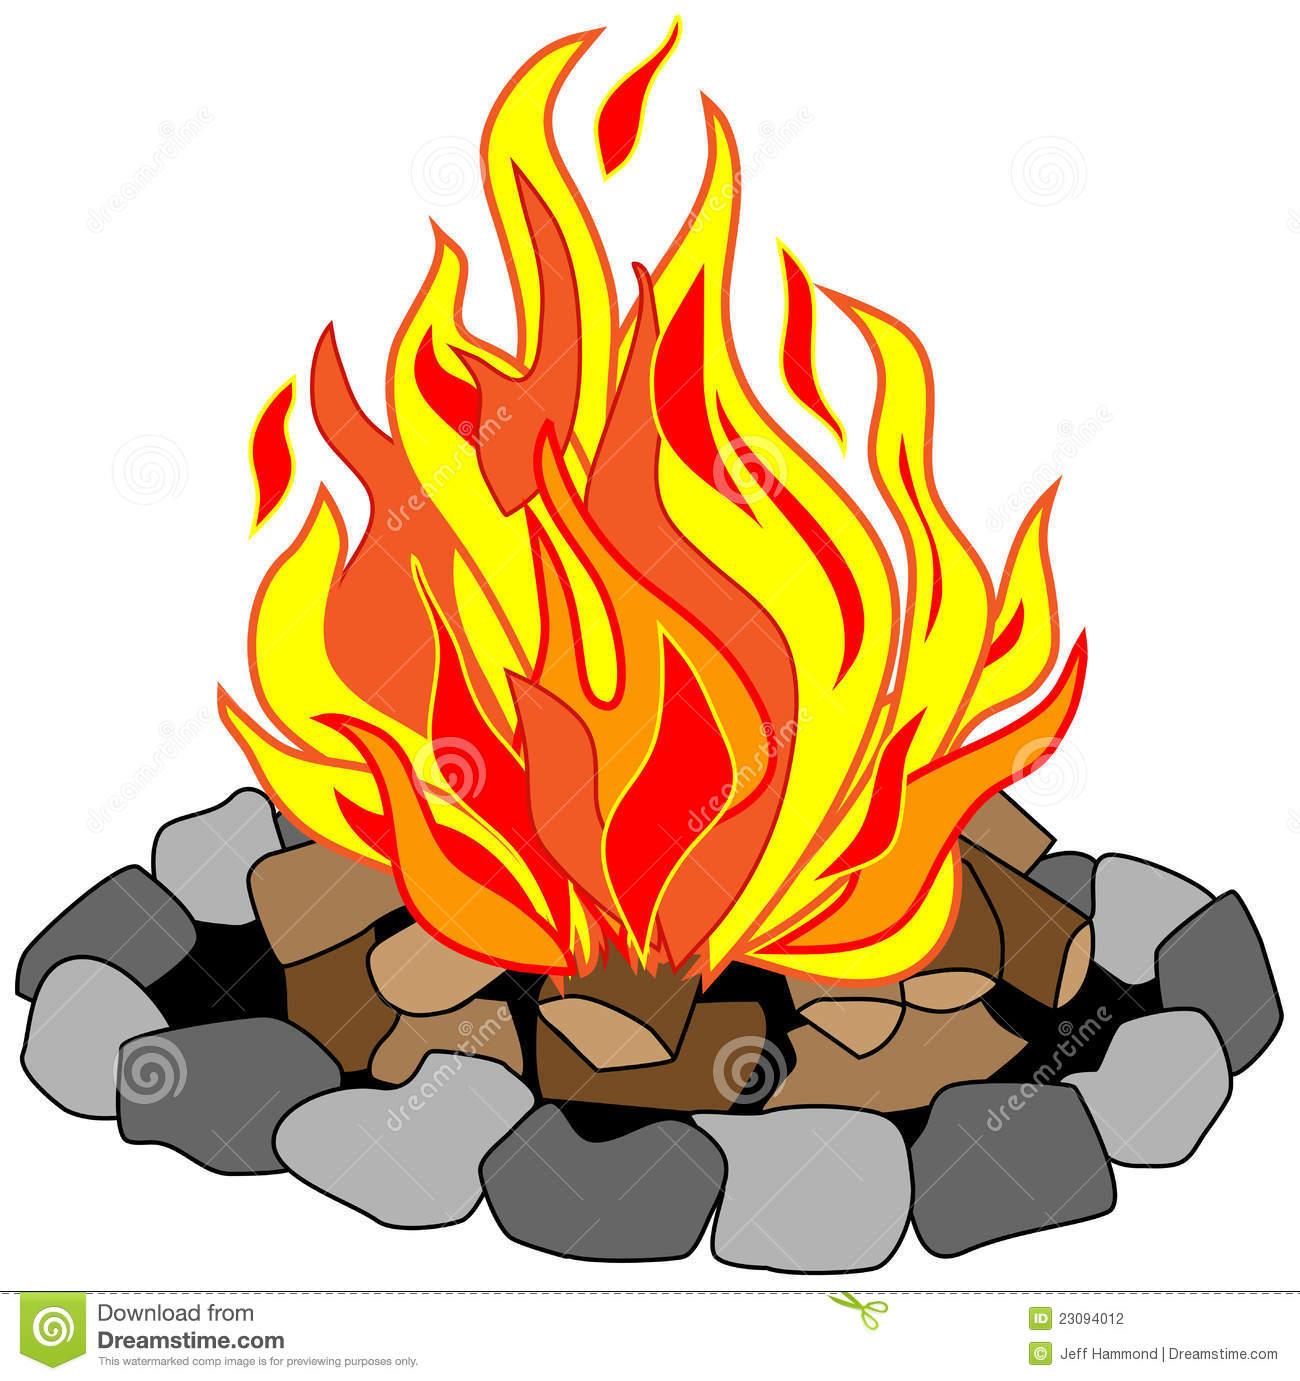 Campfire cartoon clipart graphic free 49 Cartoon Fire Pit, Cartoon Campfire Clipart - workforcebakersfield.com graphic free